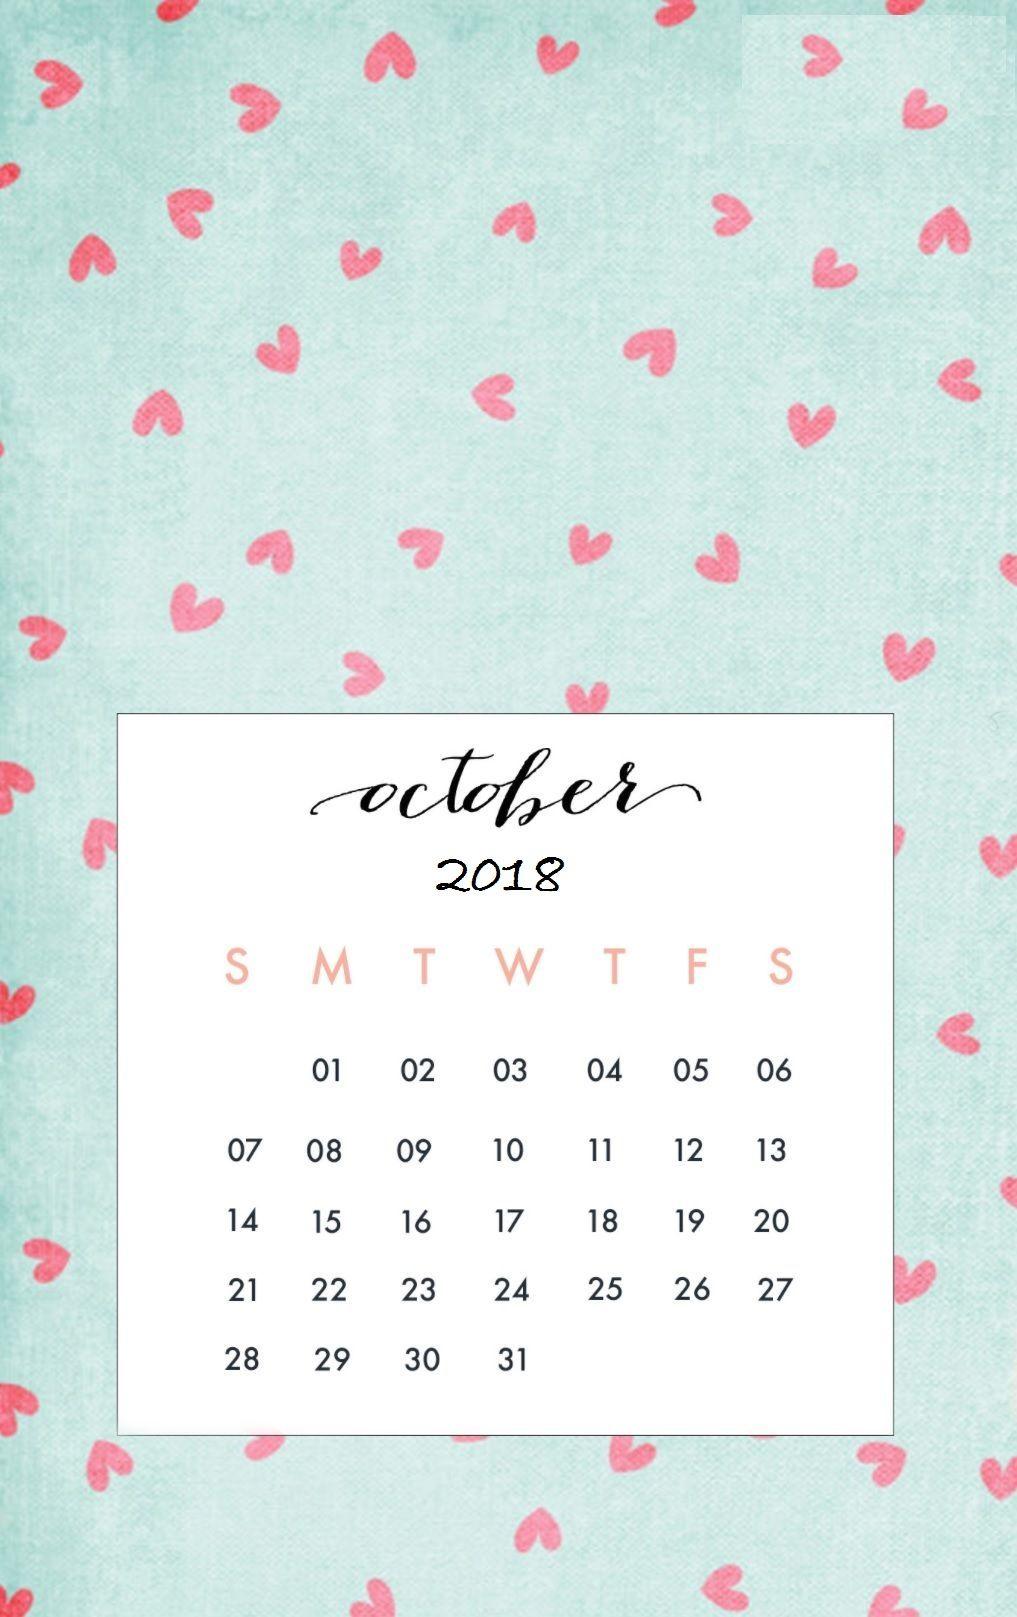 October 2018 Iphone Calendar Wallpaper Maxcalendars Calendar